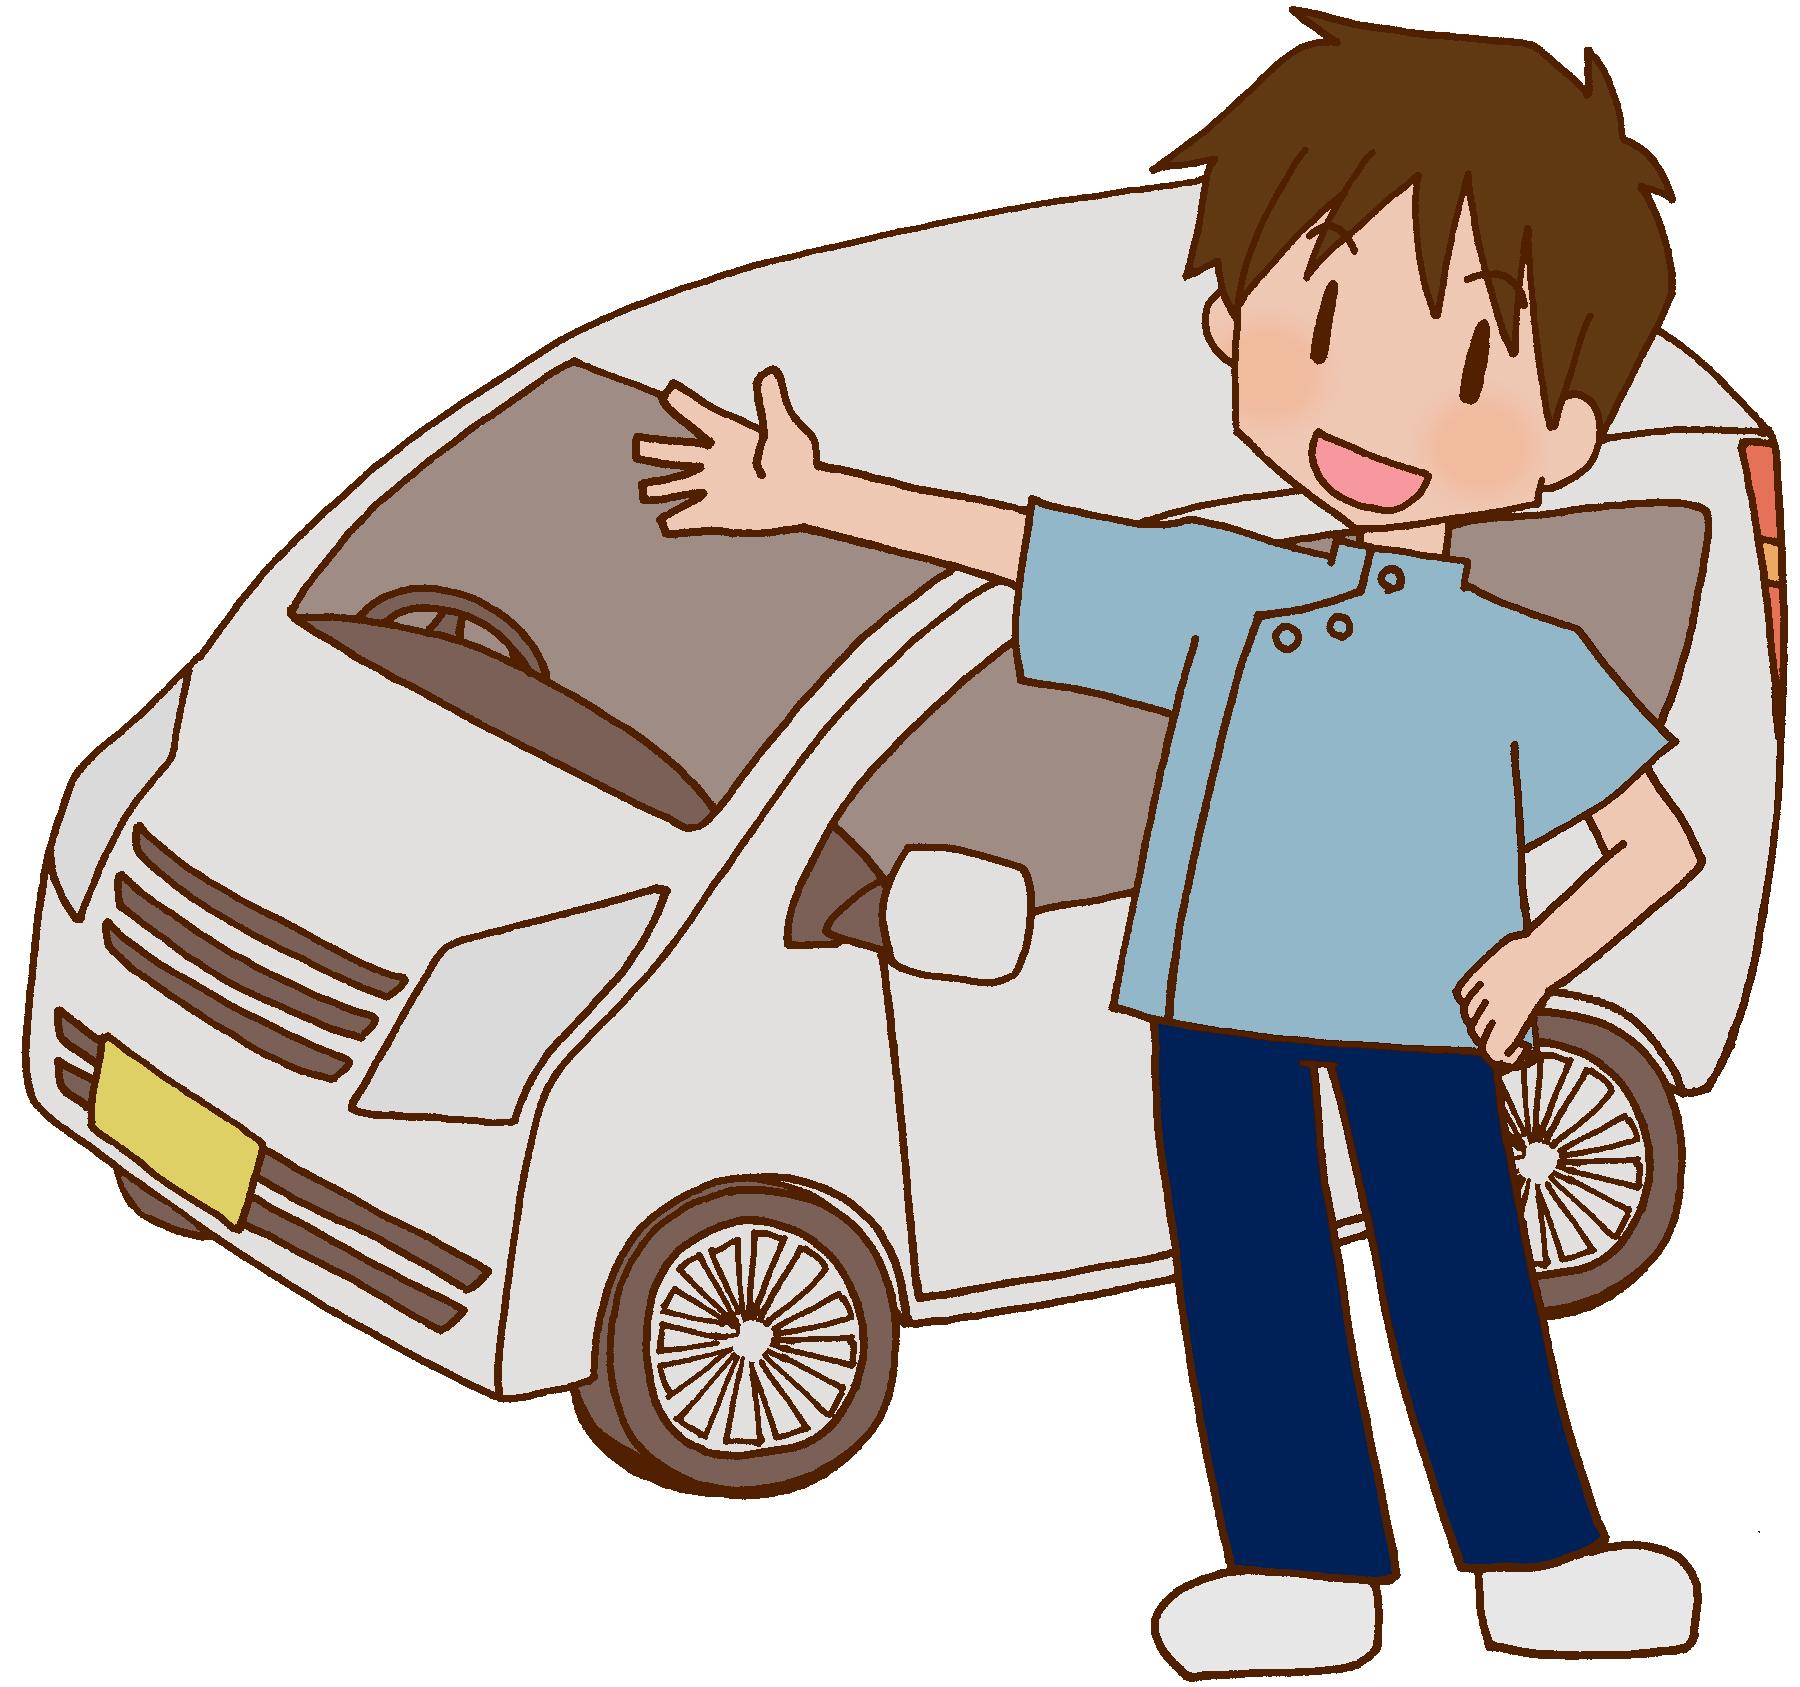 車の保険を安くする方法?代理店とダイレクトの違いとは?車両保険を見直して保険料を節約?!